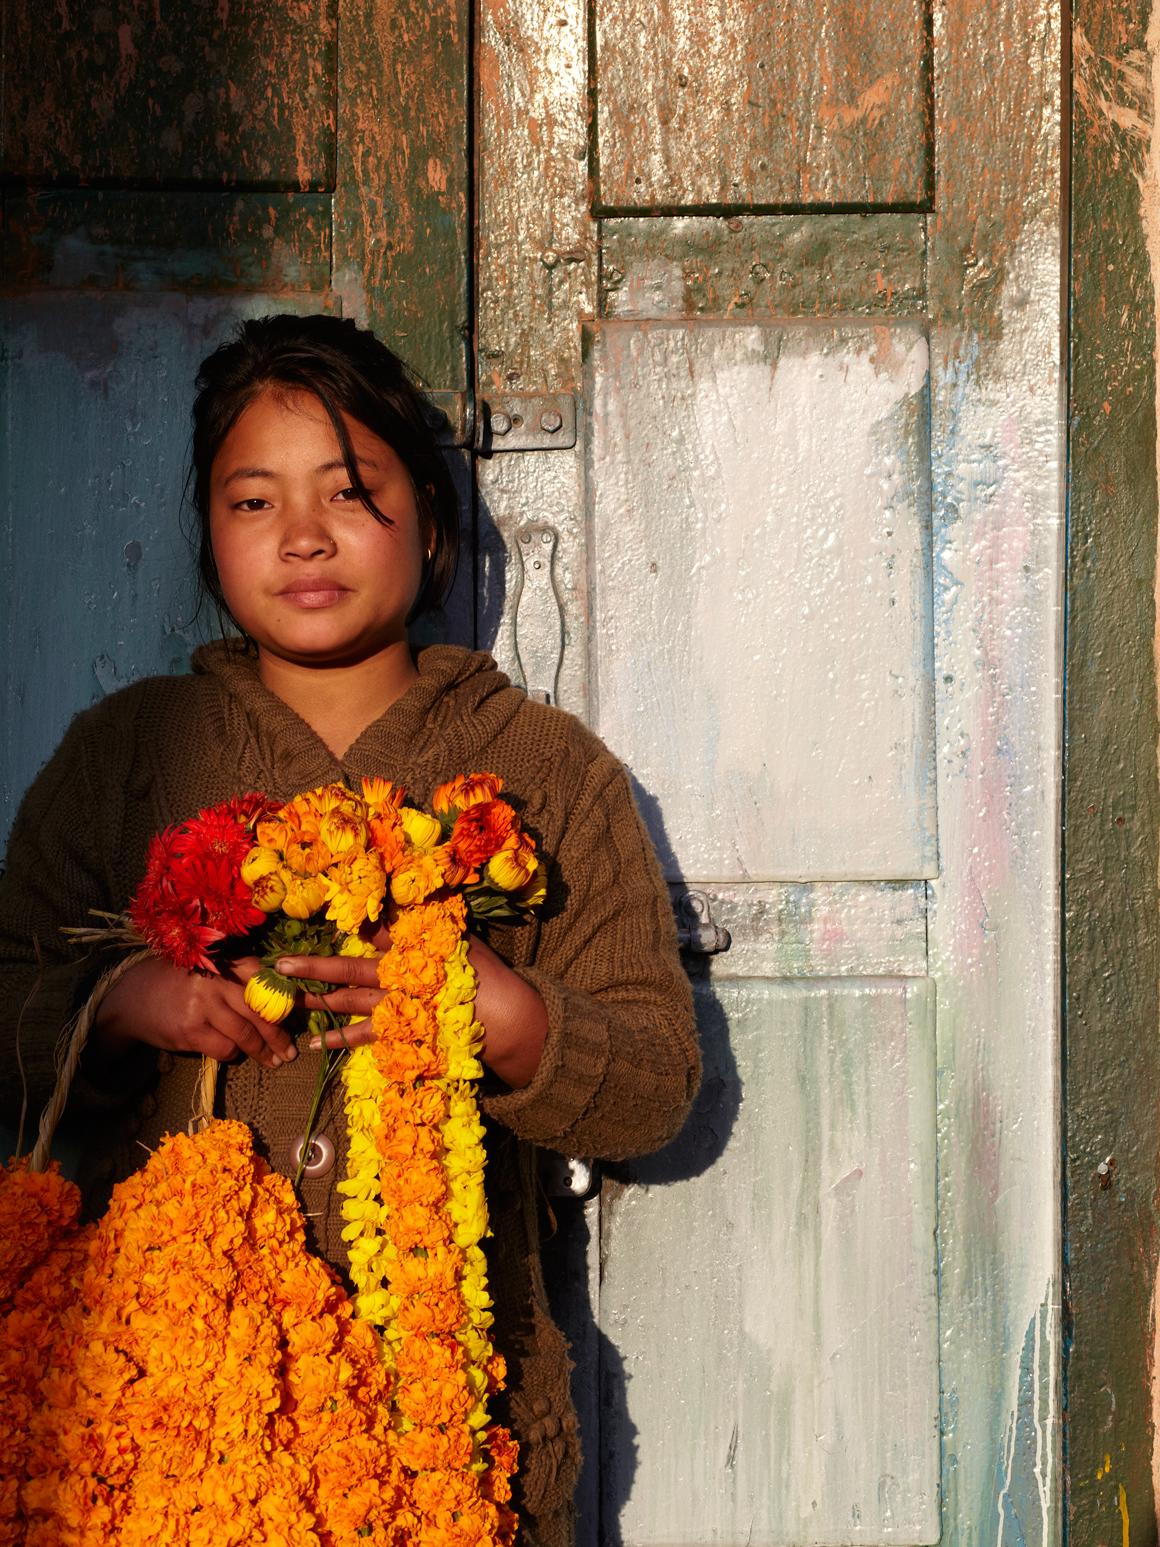 130204_CNT_Kathmandu_Marigold_Vendor_2391.jpg